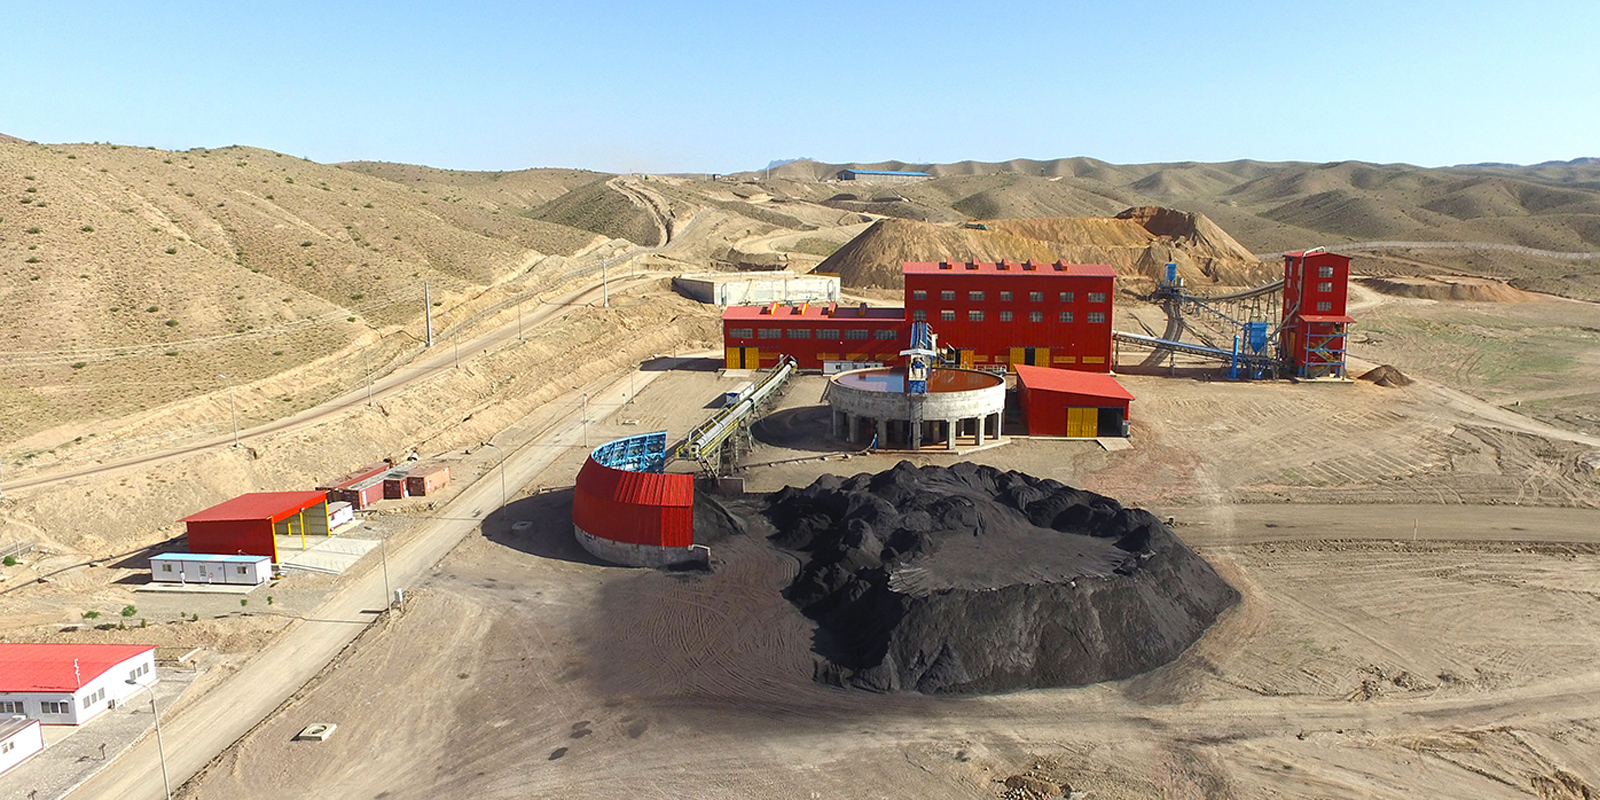 افتتاح واحد آبگیری از باطله مجتمع كنسانتره سنگ آهن فكور صنعت